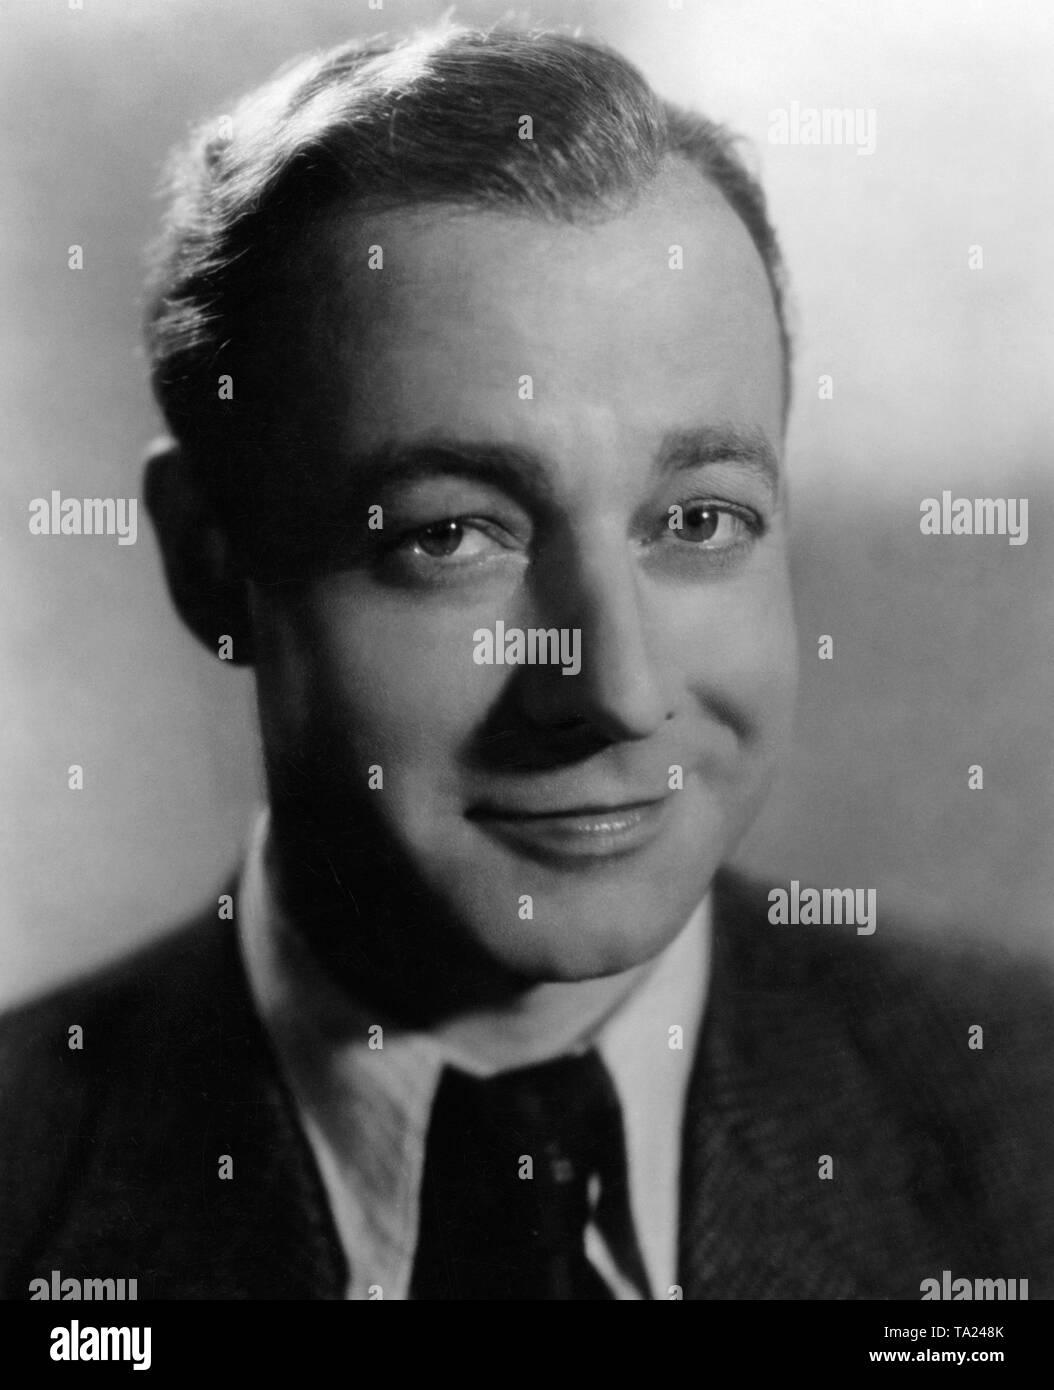 Schauspieler Heinz Ruehmann In Dem Film 13 Stühle Deutsch 13